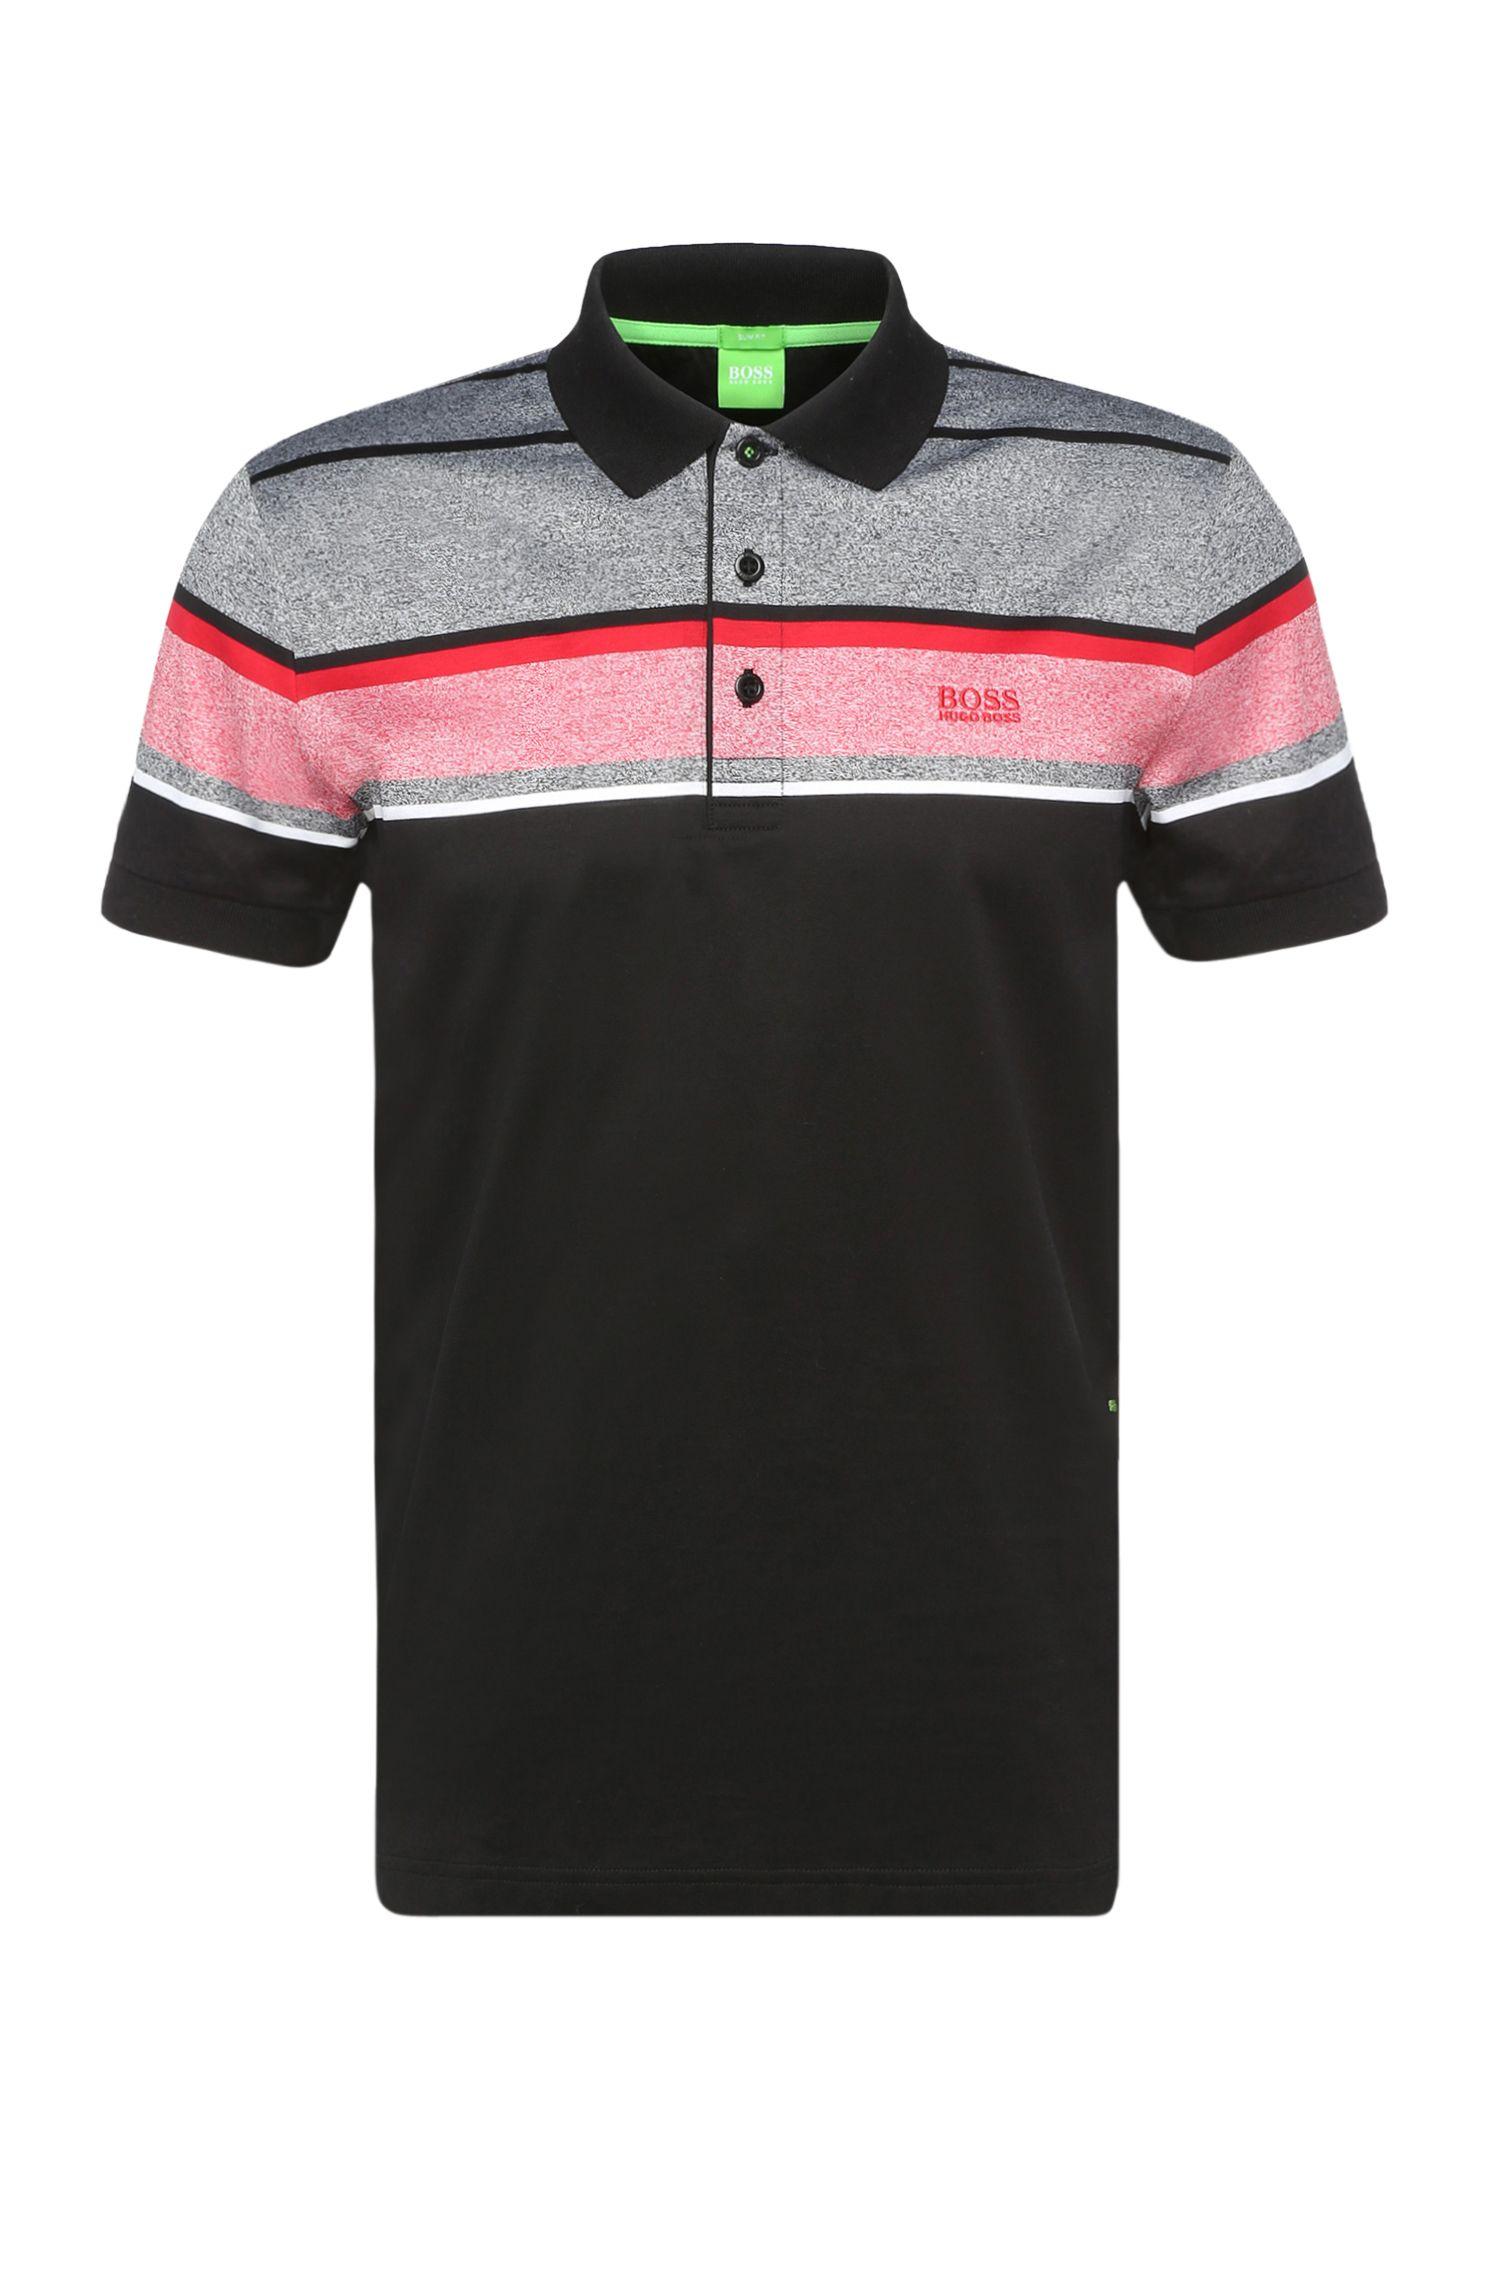 'Paule' | Slim Fit, Mercerized Cotton Polo Shirt